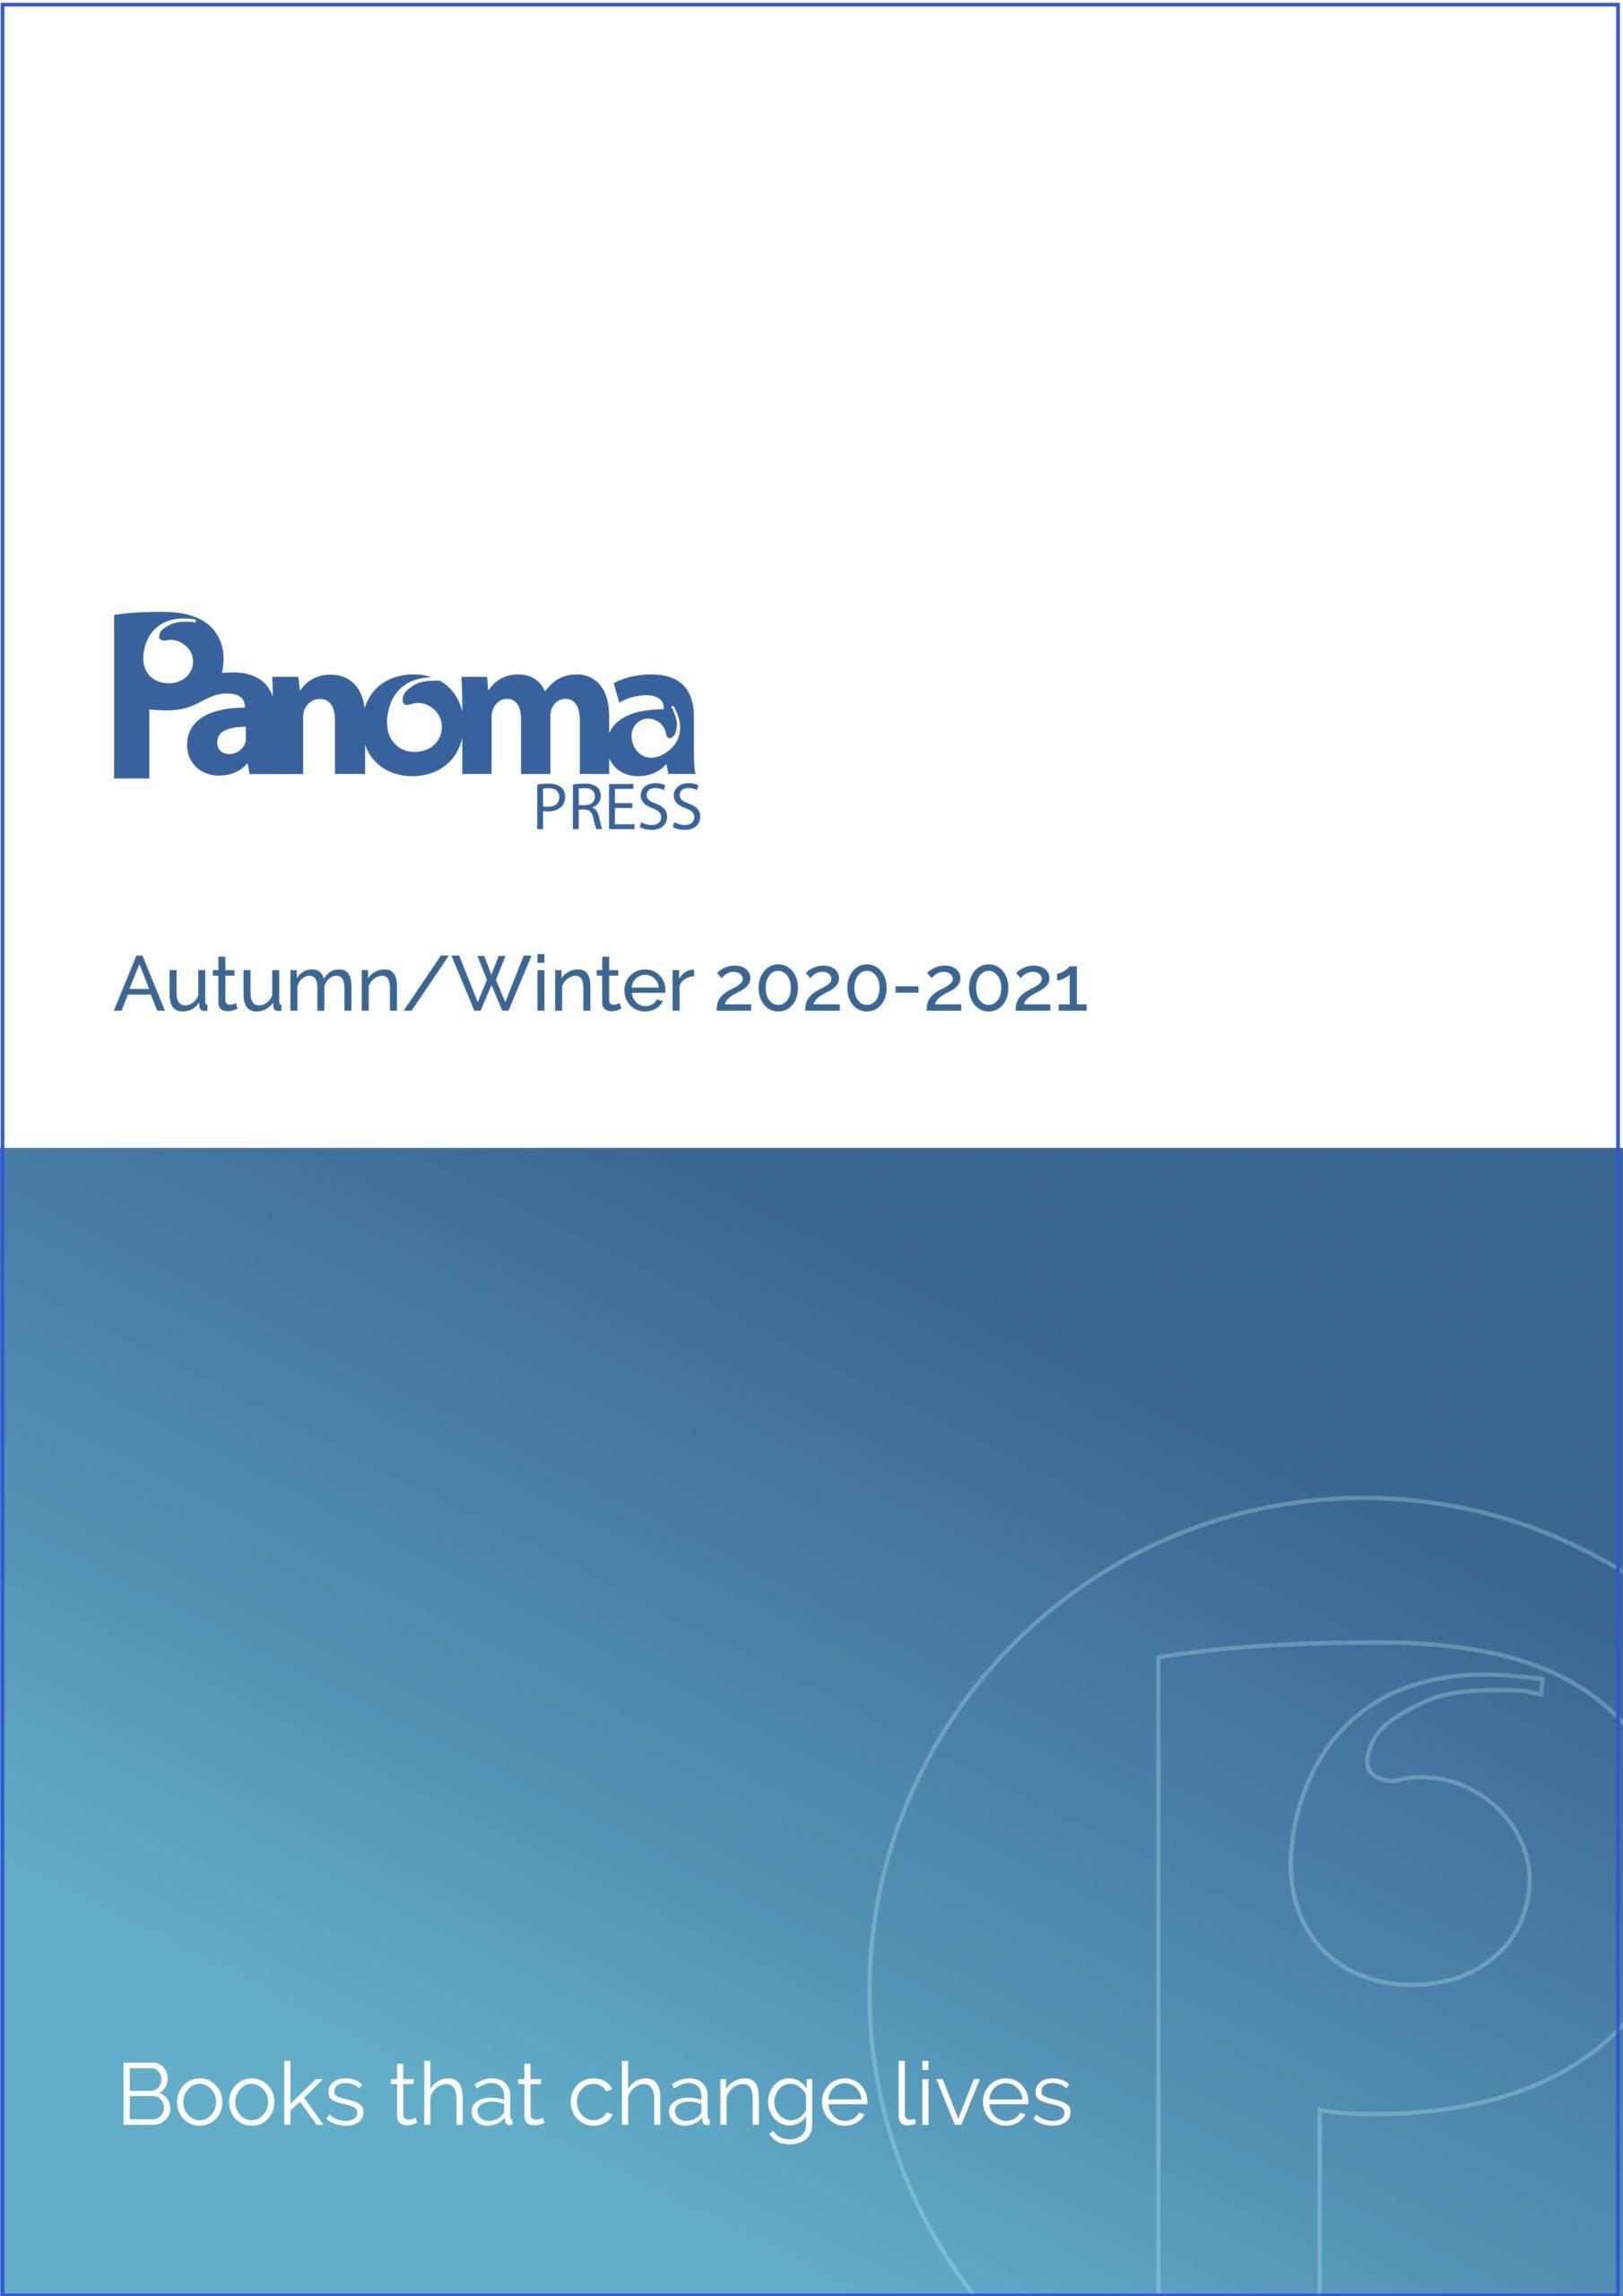 PANOMA_Autumn20-Winter21